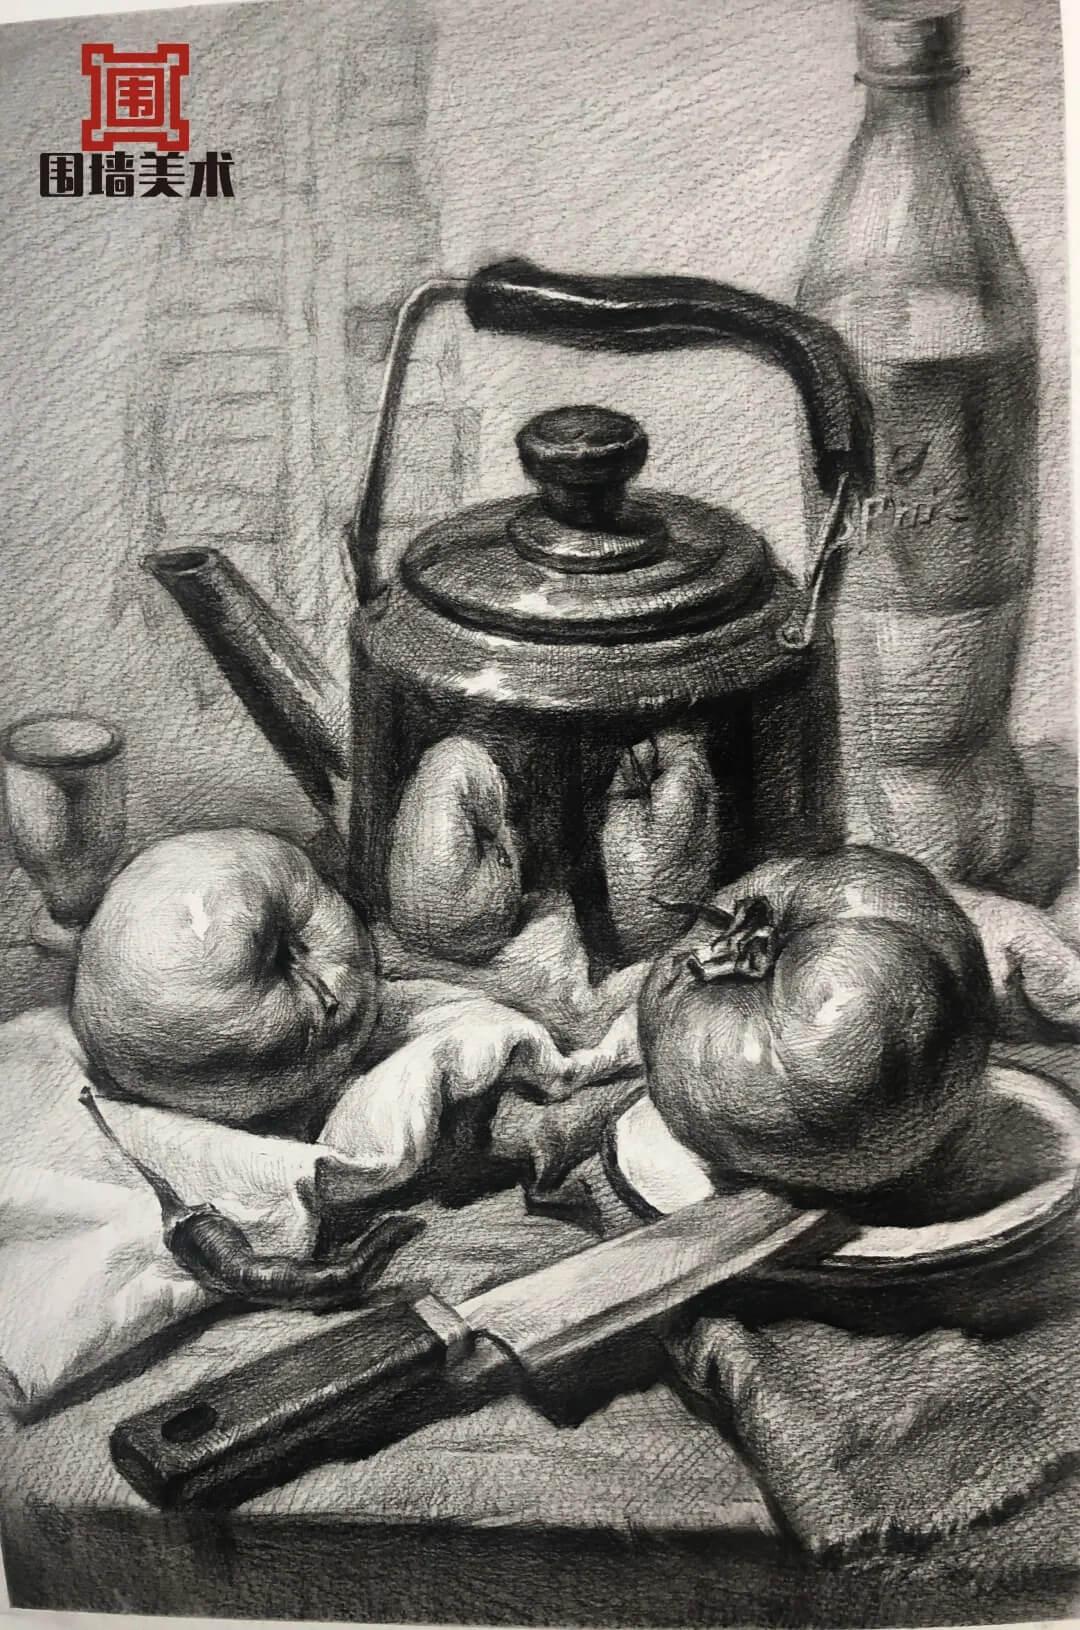 广州艺考画室,广州暑假班画室,广州美术画室,11